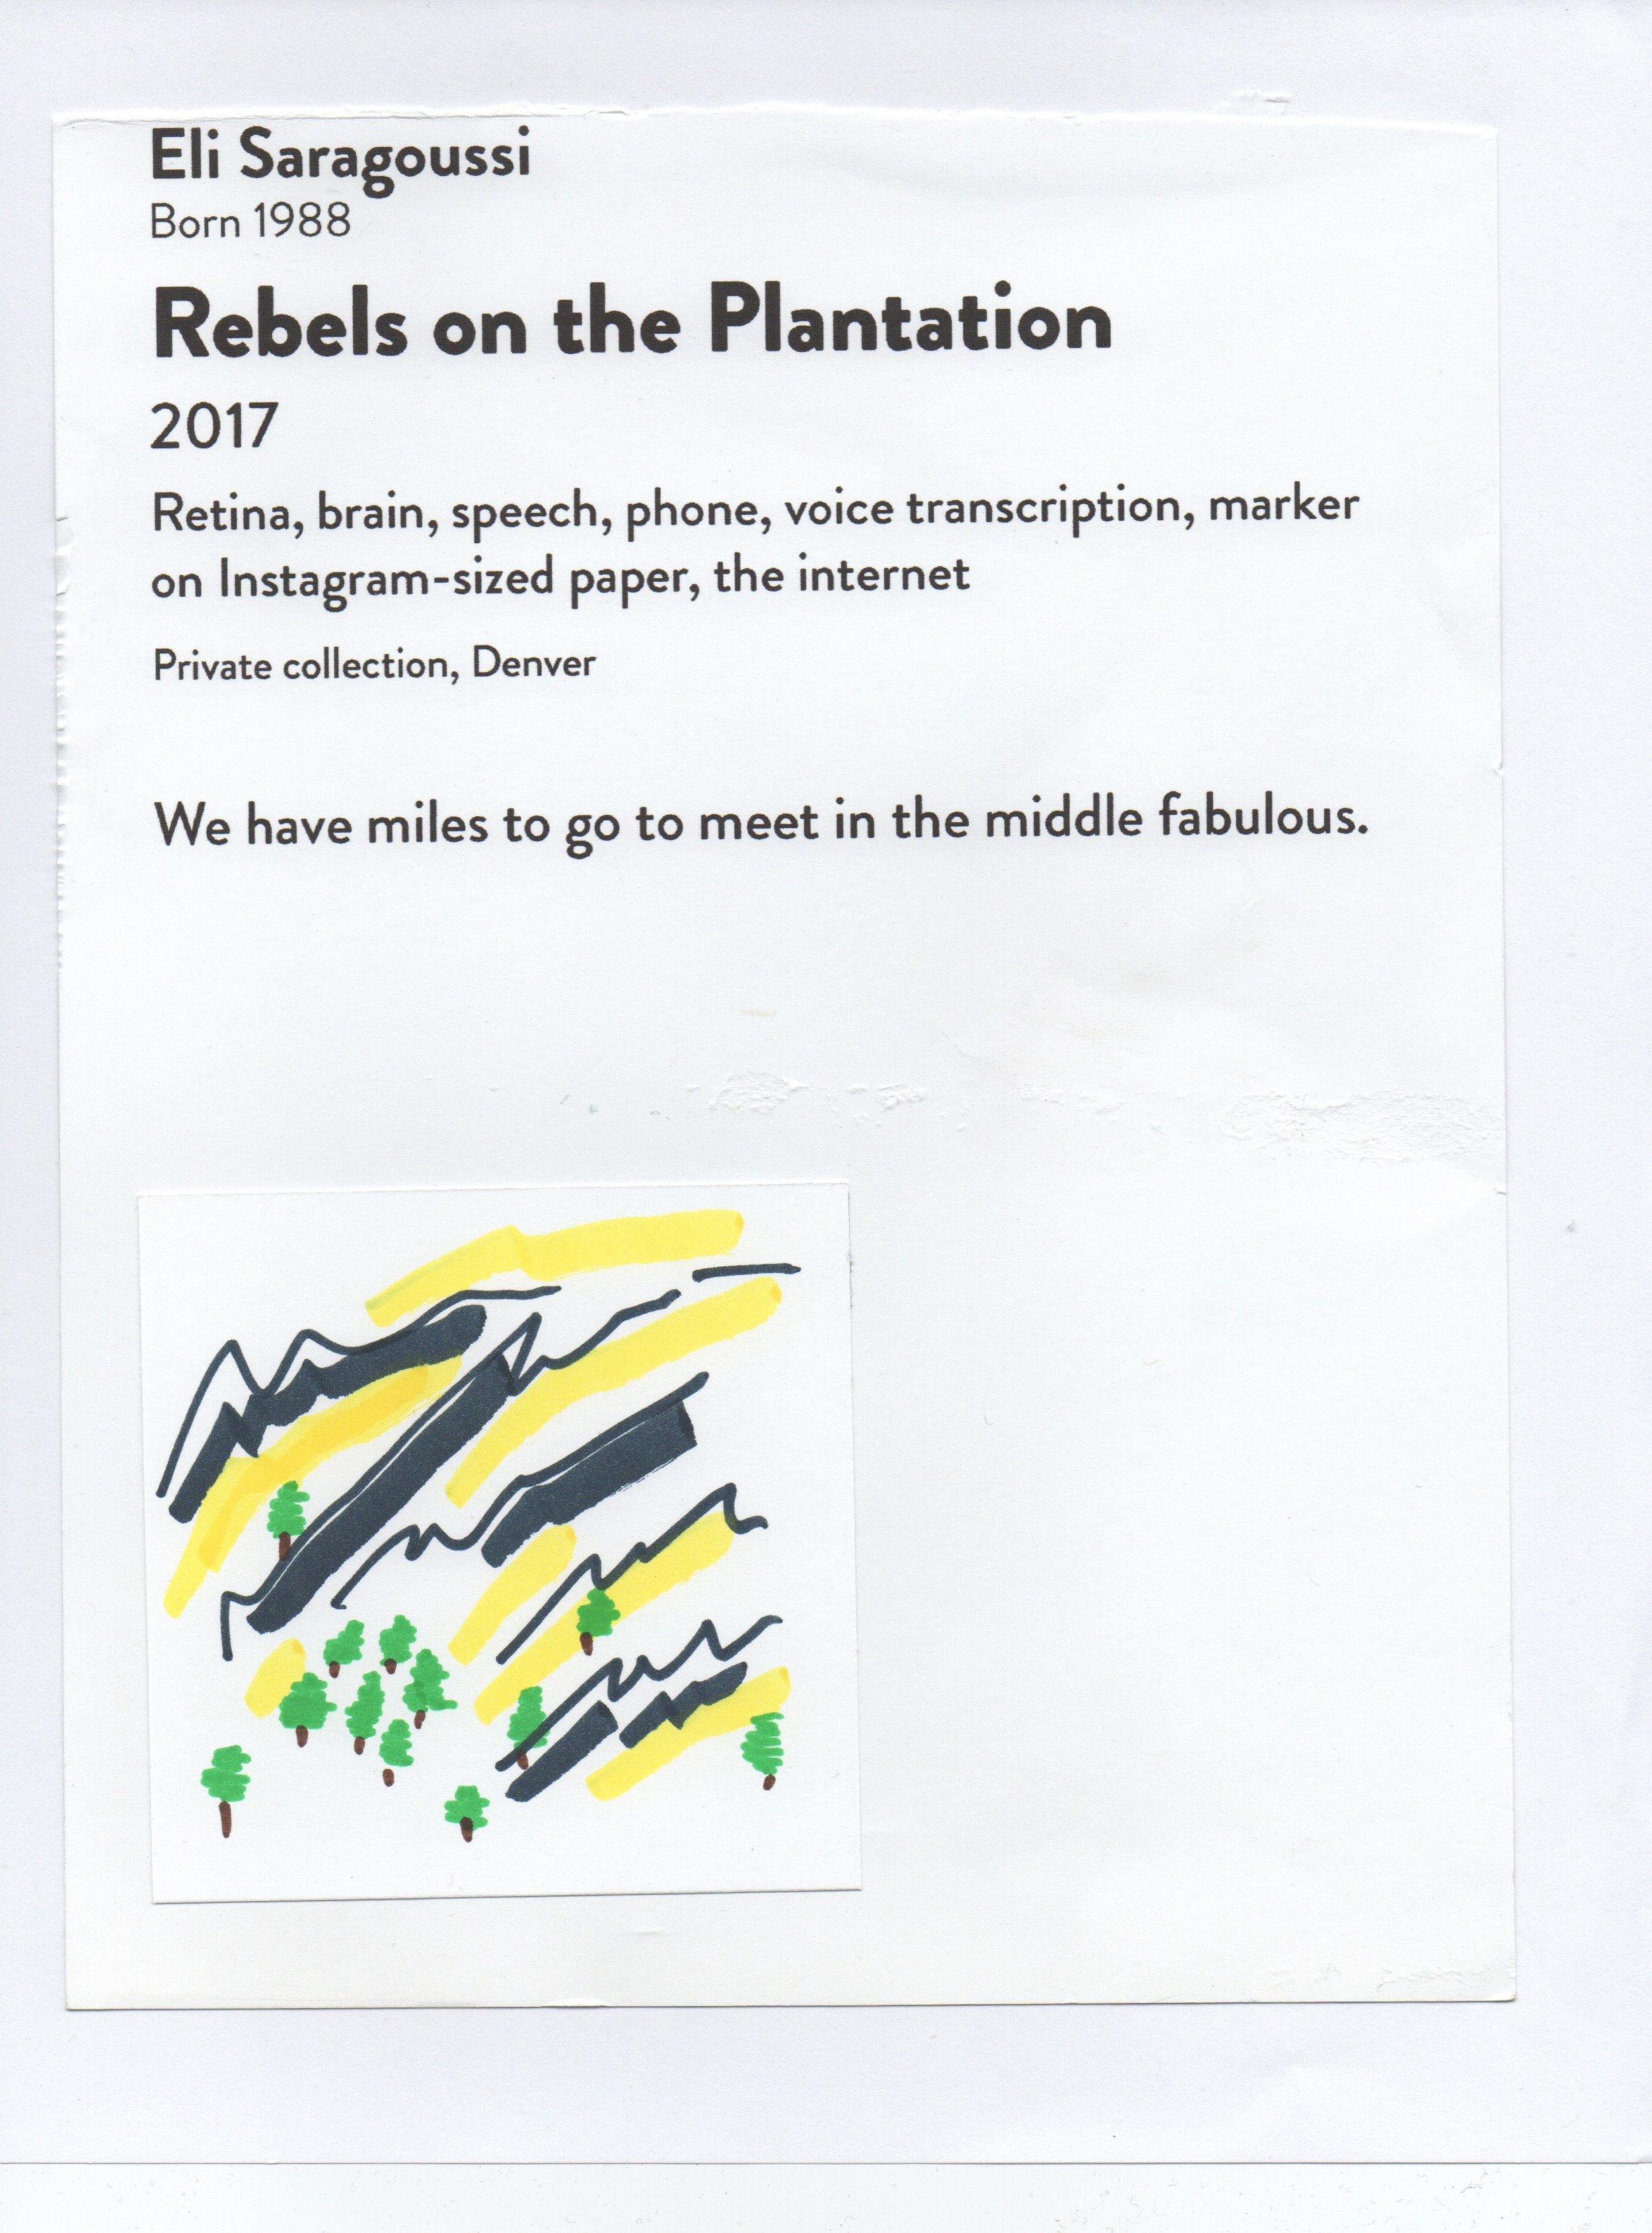 Rebels on the Plantation DAM Untitled April 28, 2017.jpeg